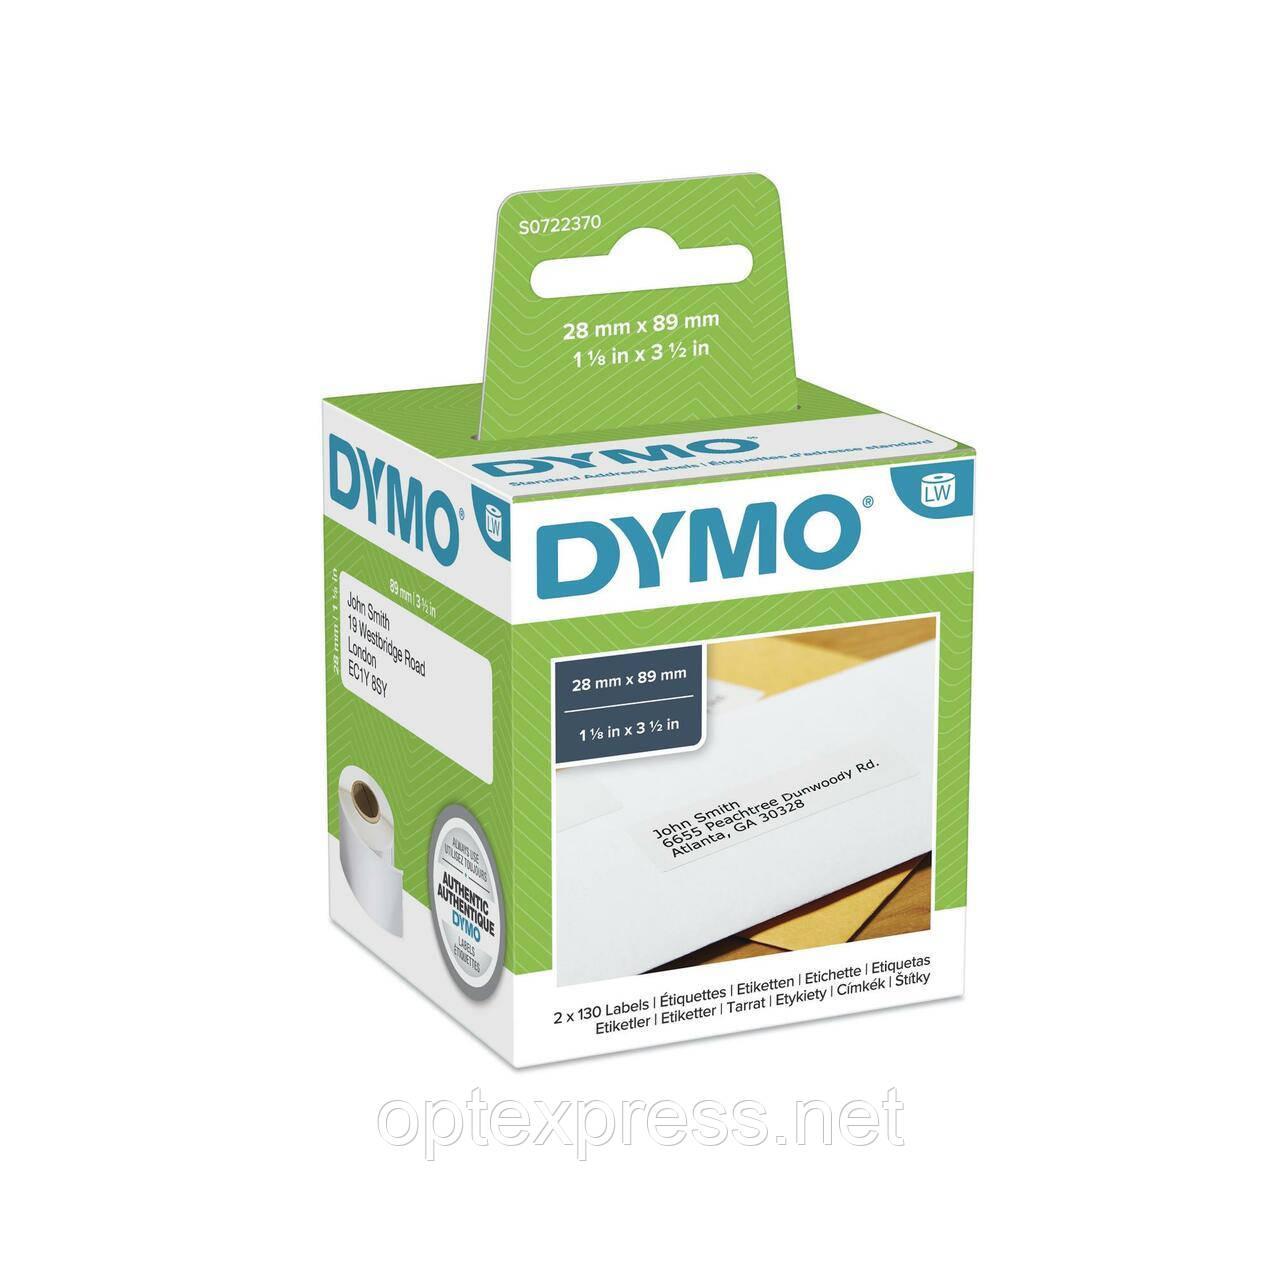 Етикетки DYMO S0722370 для принтера  DYMO LabelWriter 450